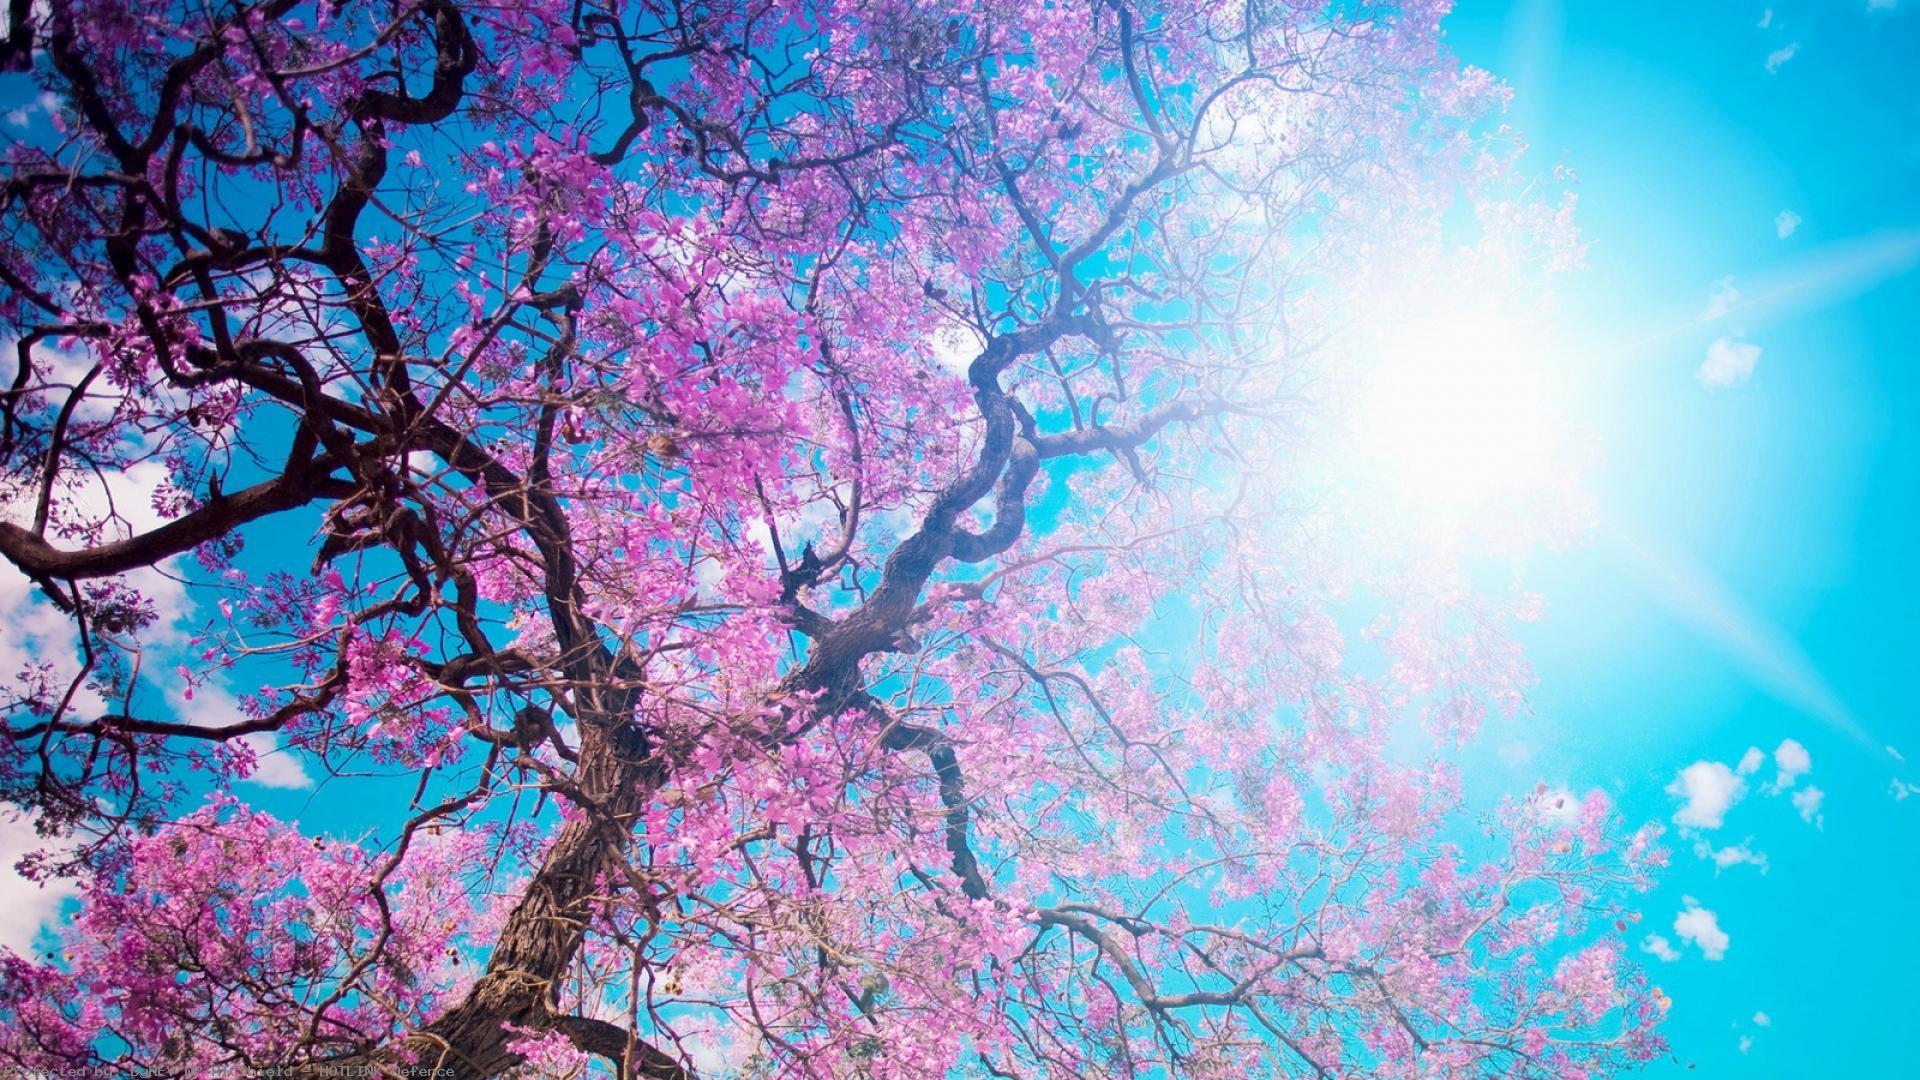 o-hanami-blossom-festival-and-to-enjoy-the-